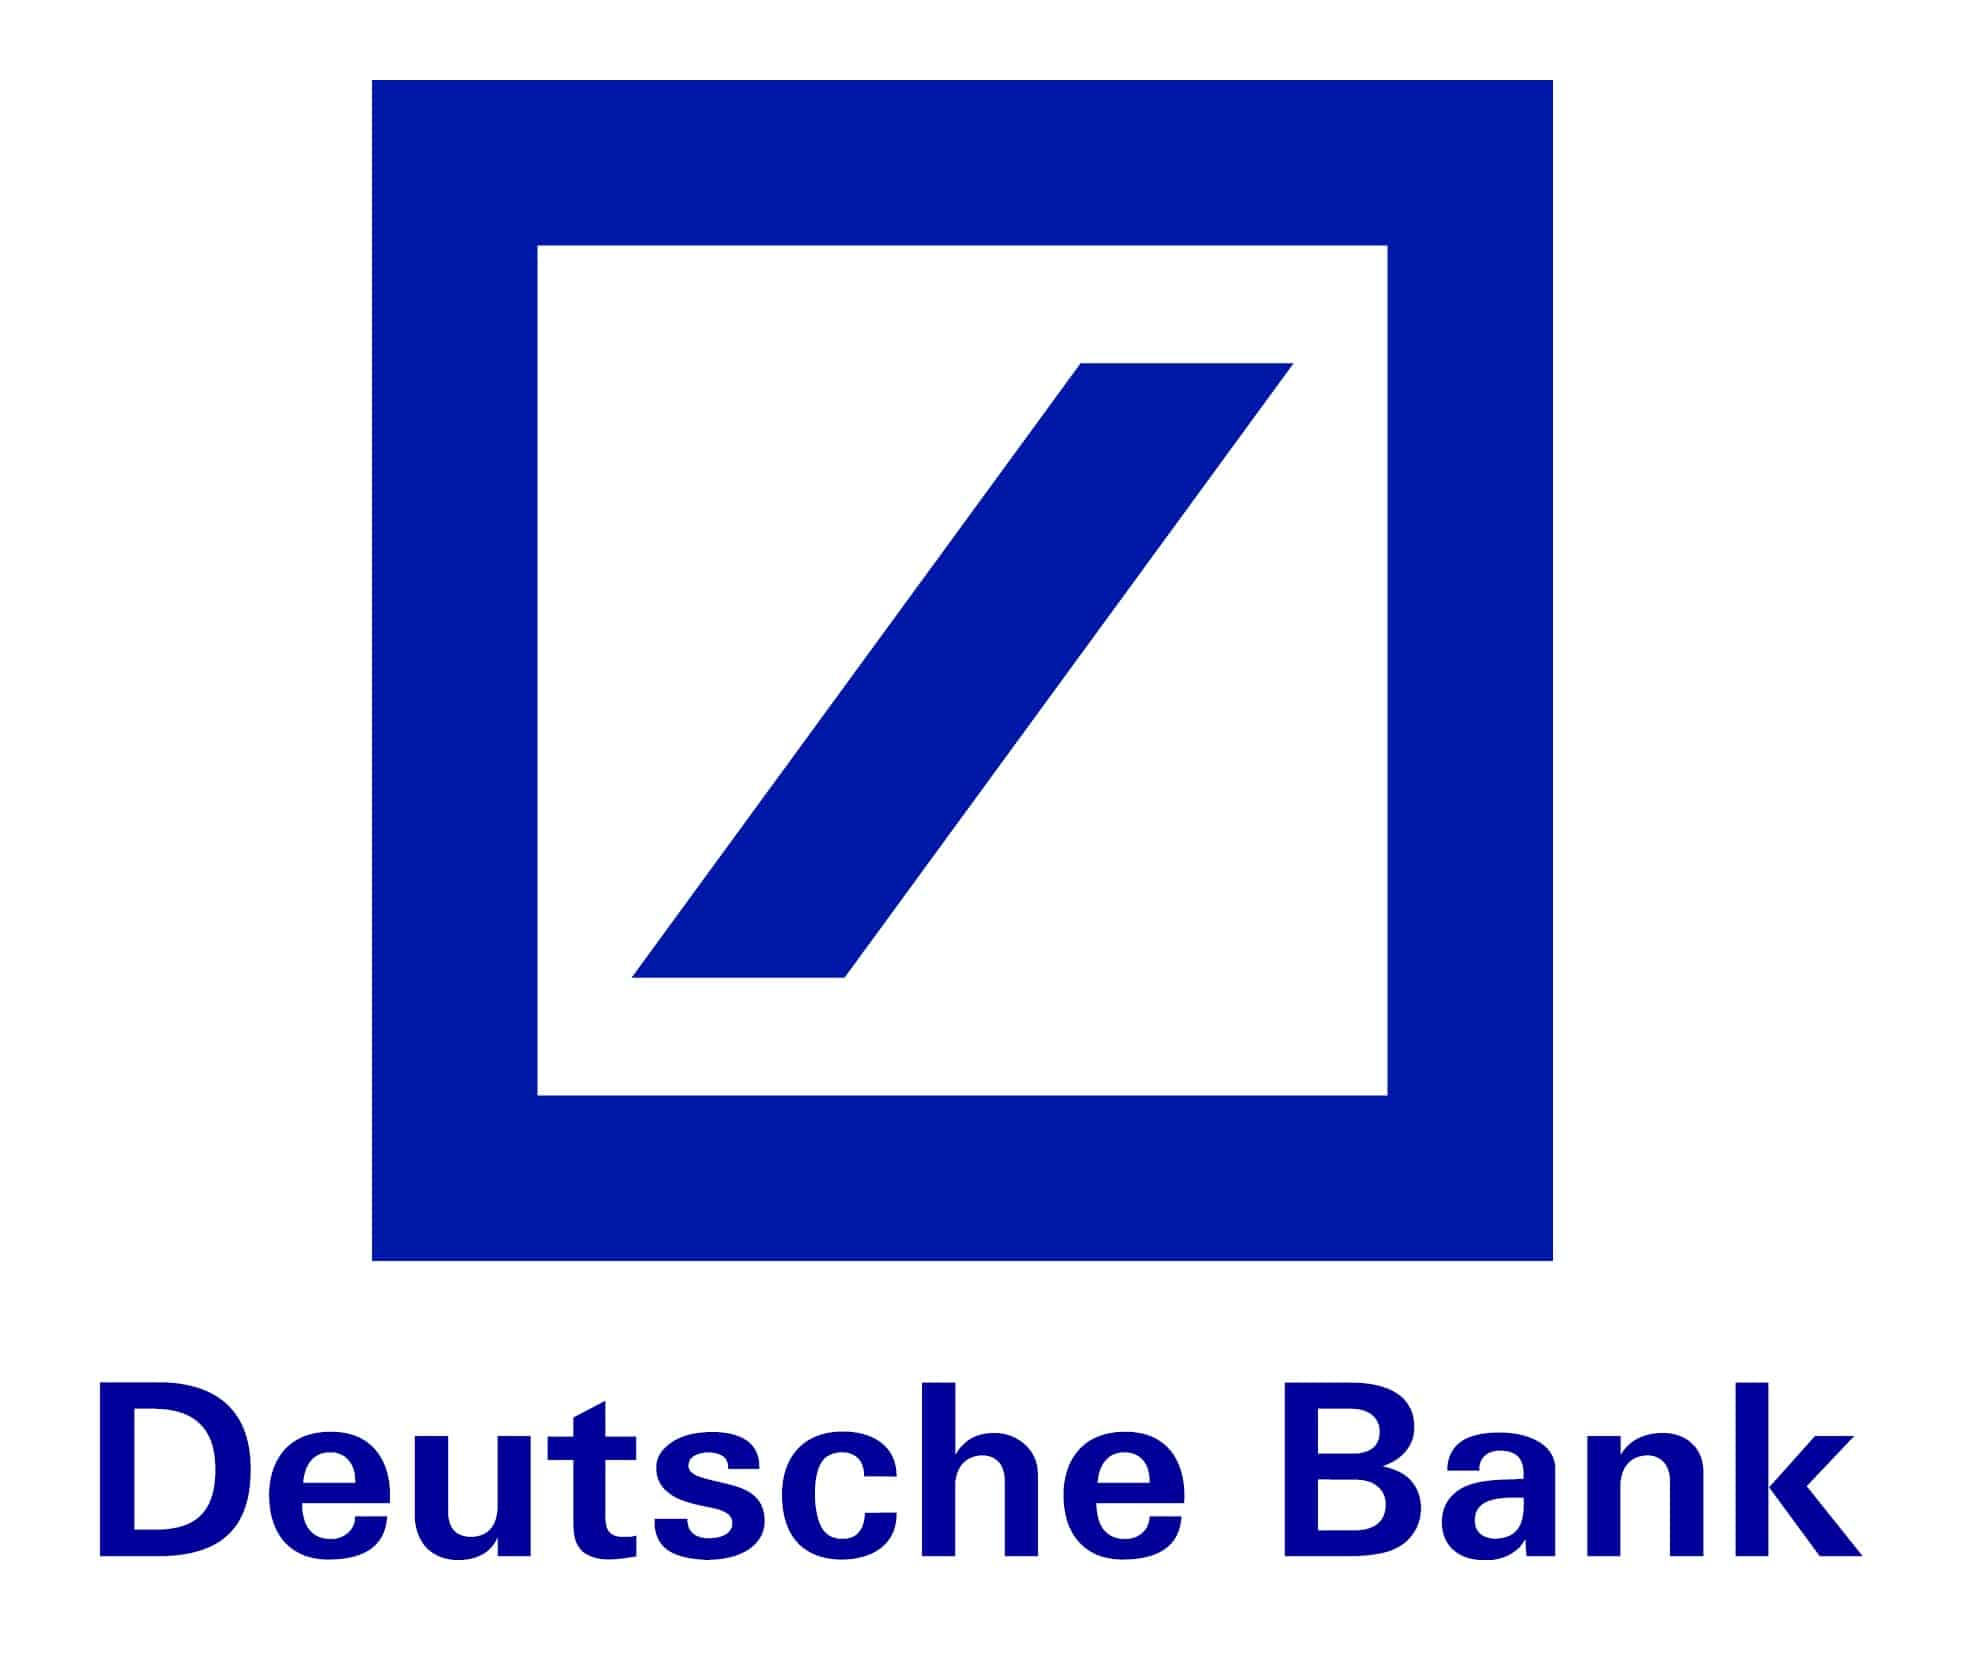 contattare assistenza deutsche bank italia